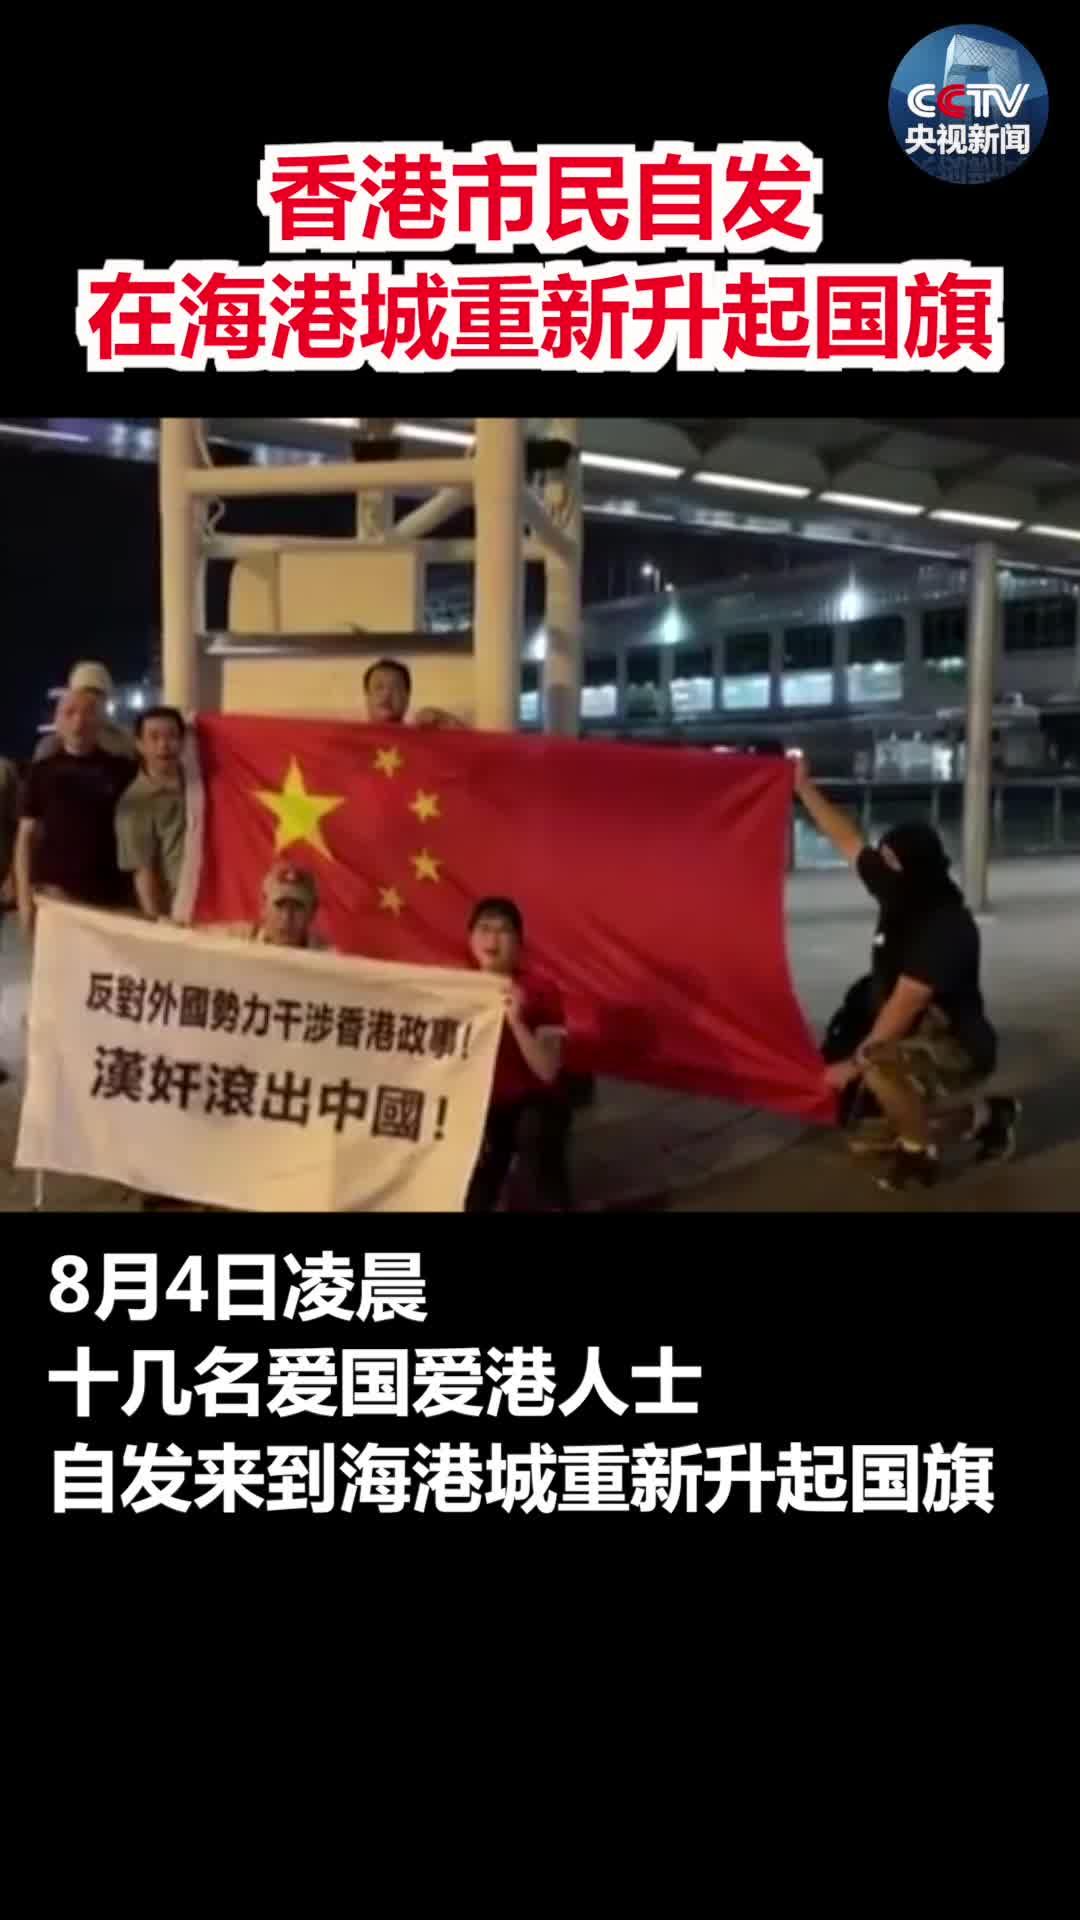 暴徒拆下国旗扔入海中,香港市民重新升国旗、唱国歌 路过市民敬礼